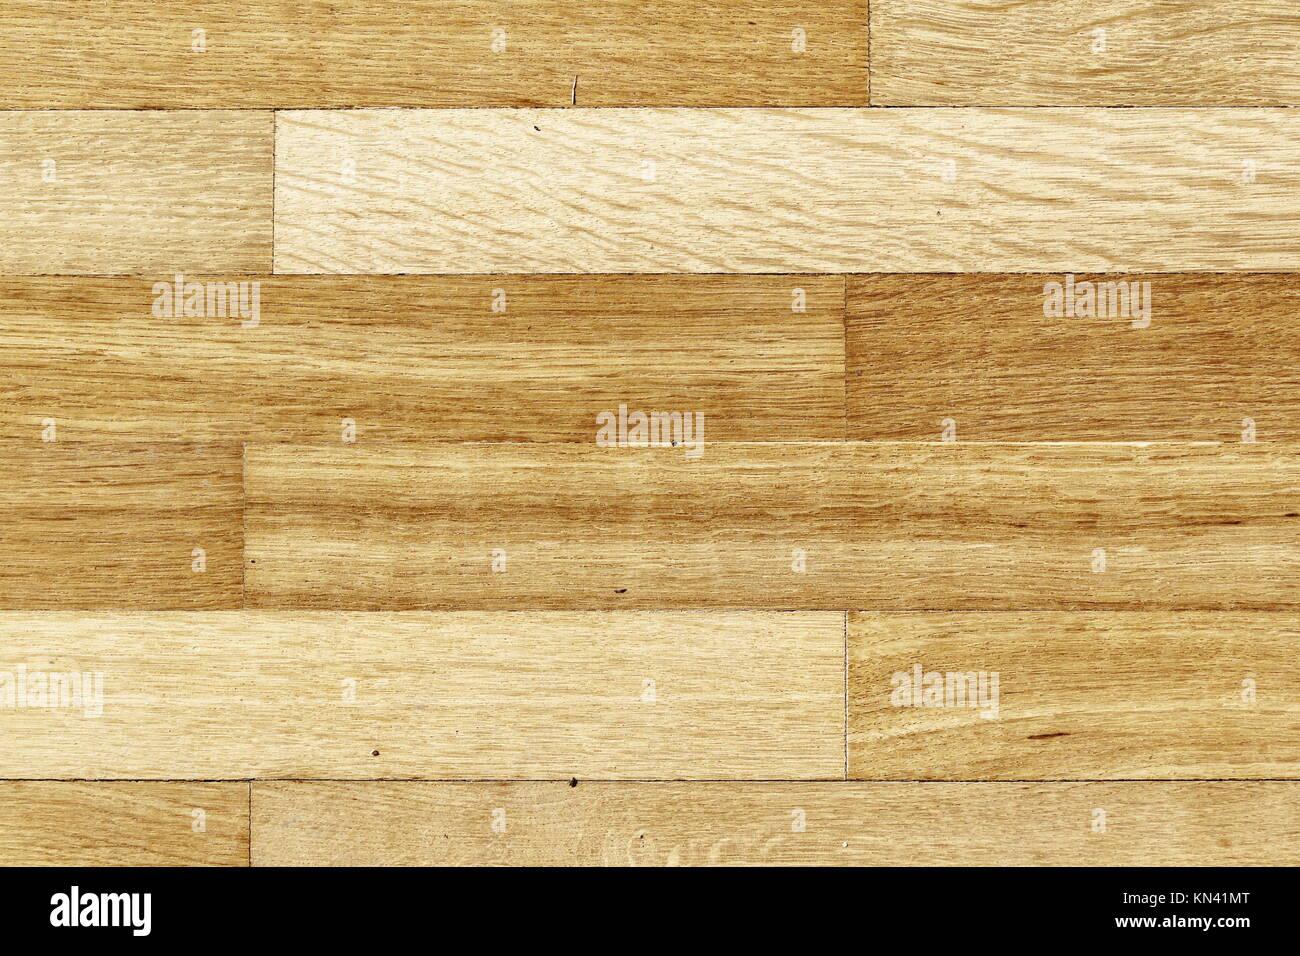 Holzfußboden Parkett ~ Ein holzboden parkett hintergrund stockfoto bild alamy